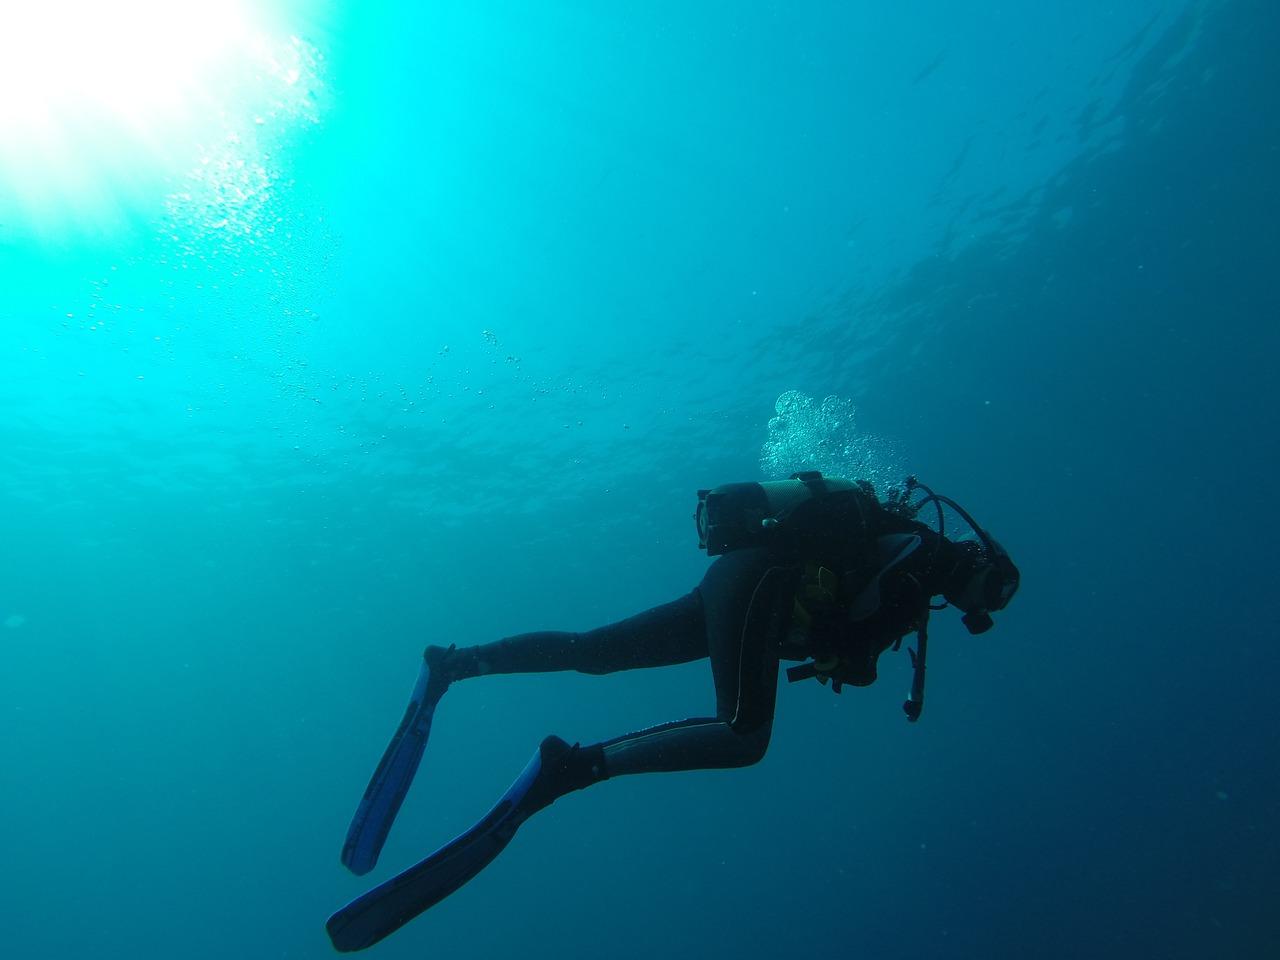 diver-752667_1280.jpg